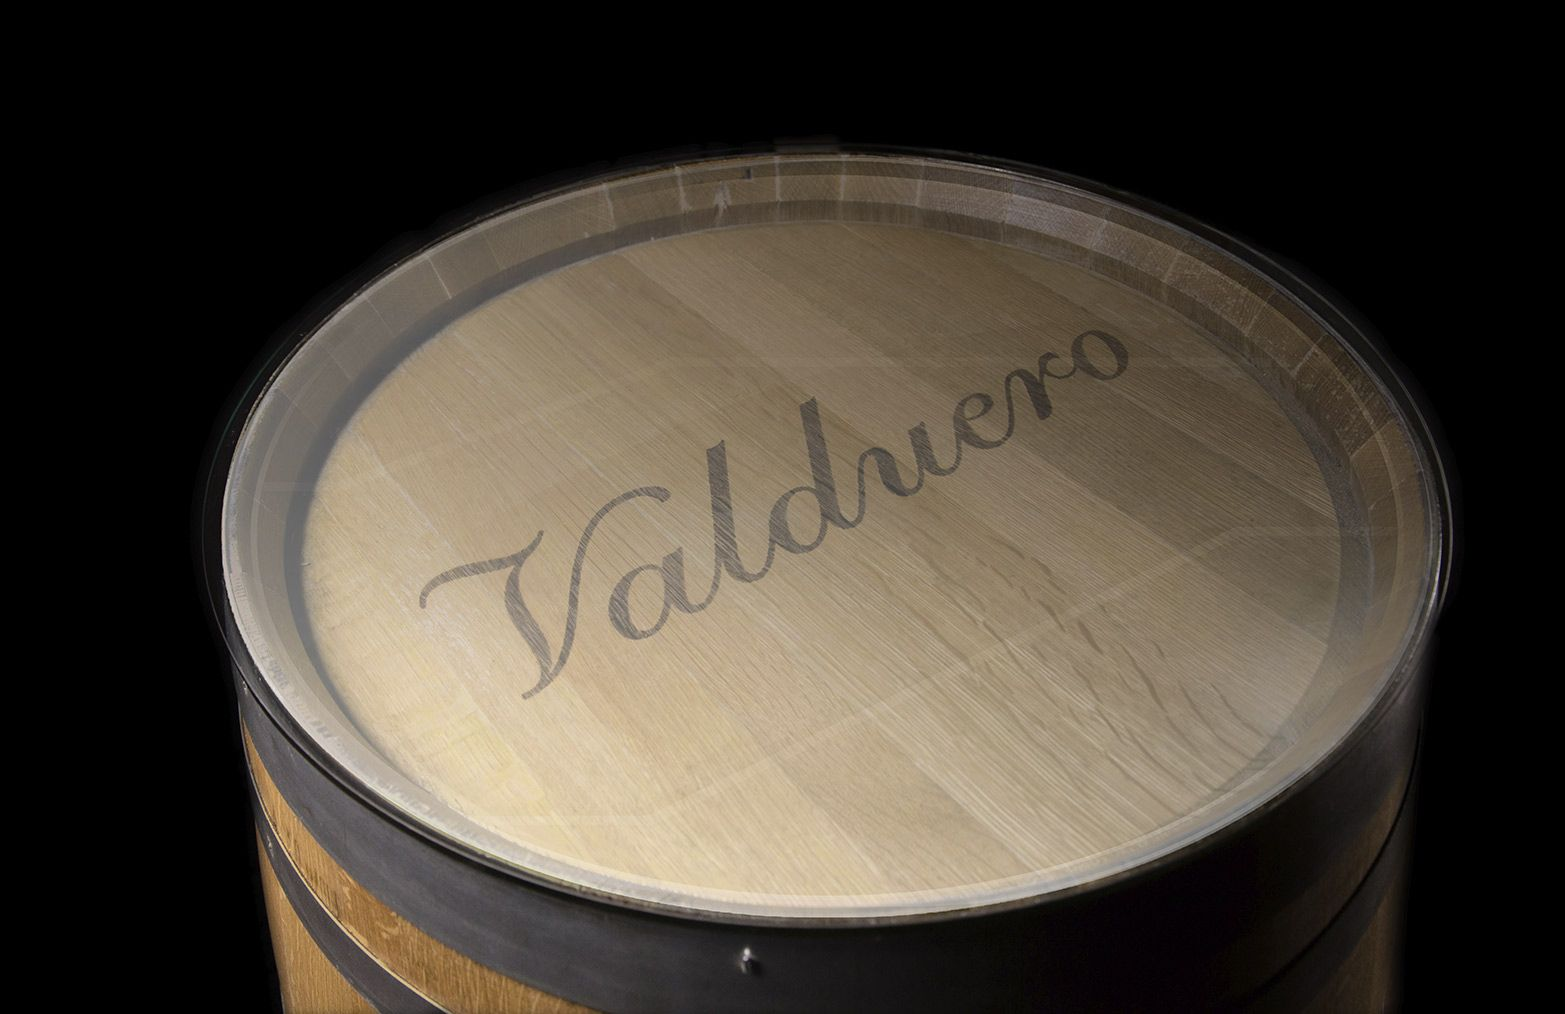 Barrica de vino Valduero